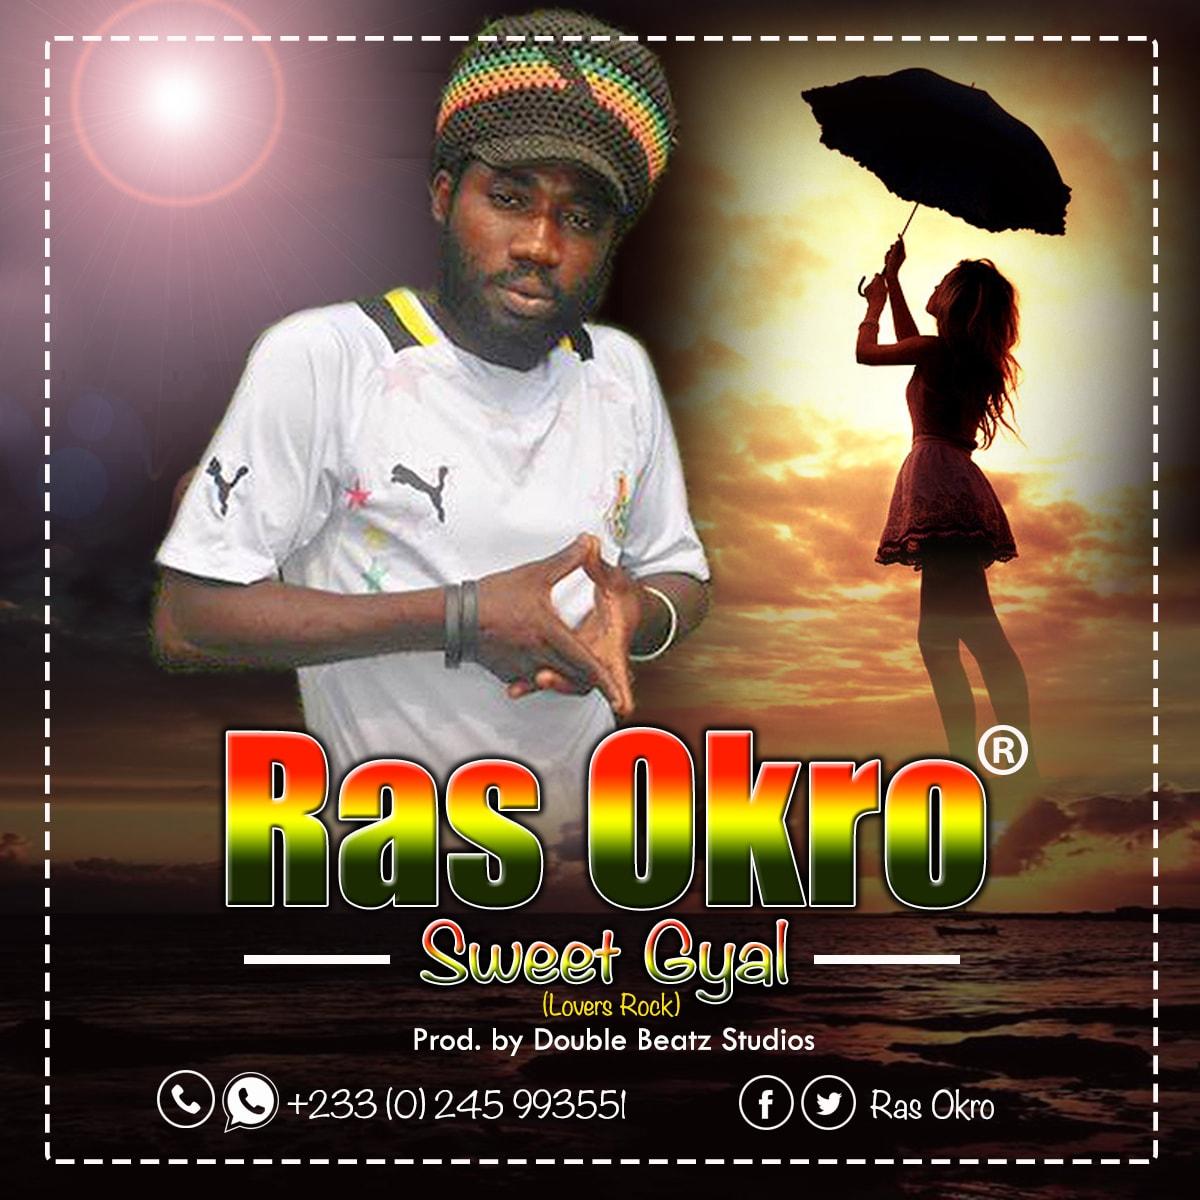 Ras Okro - Sweet Gyal (Lovers Rock)